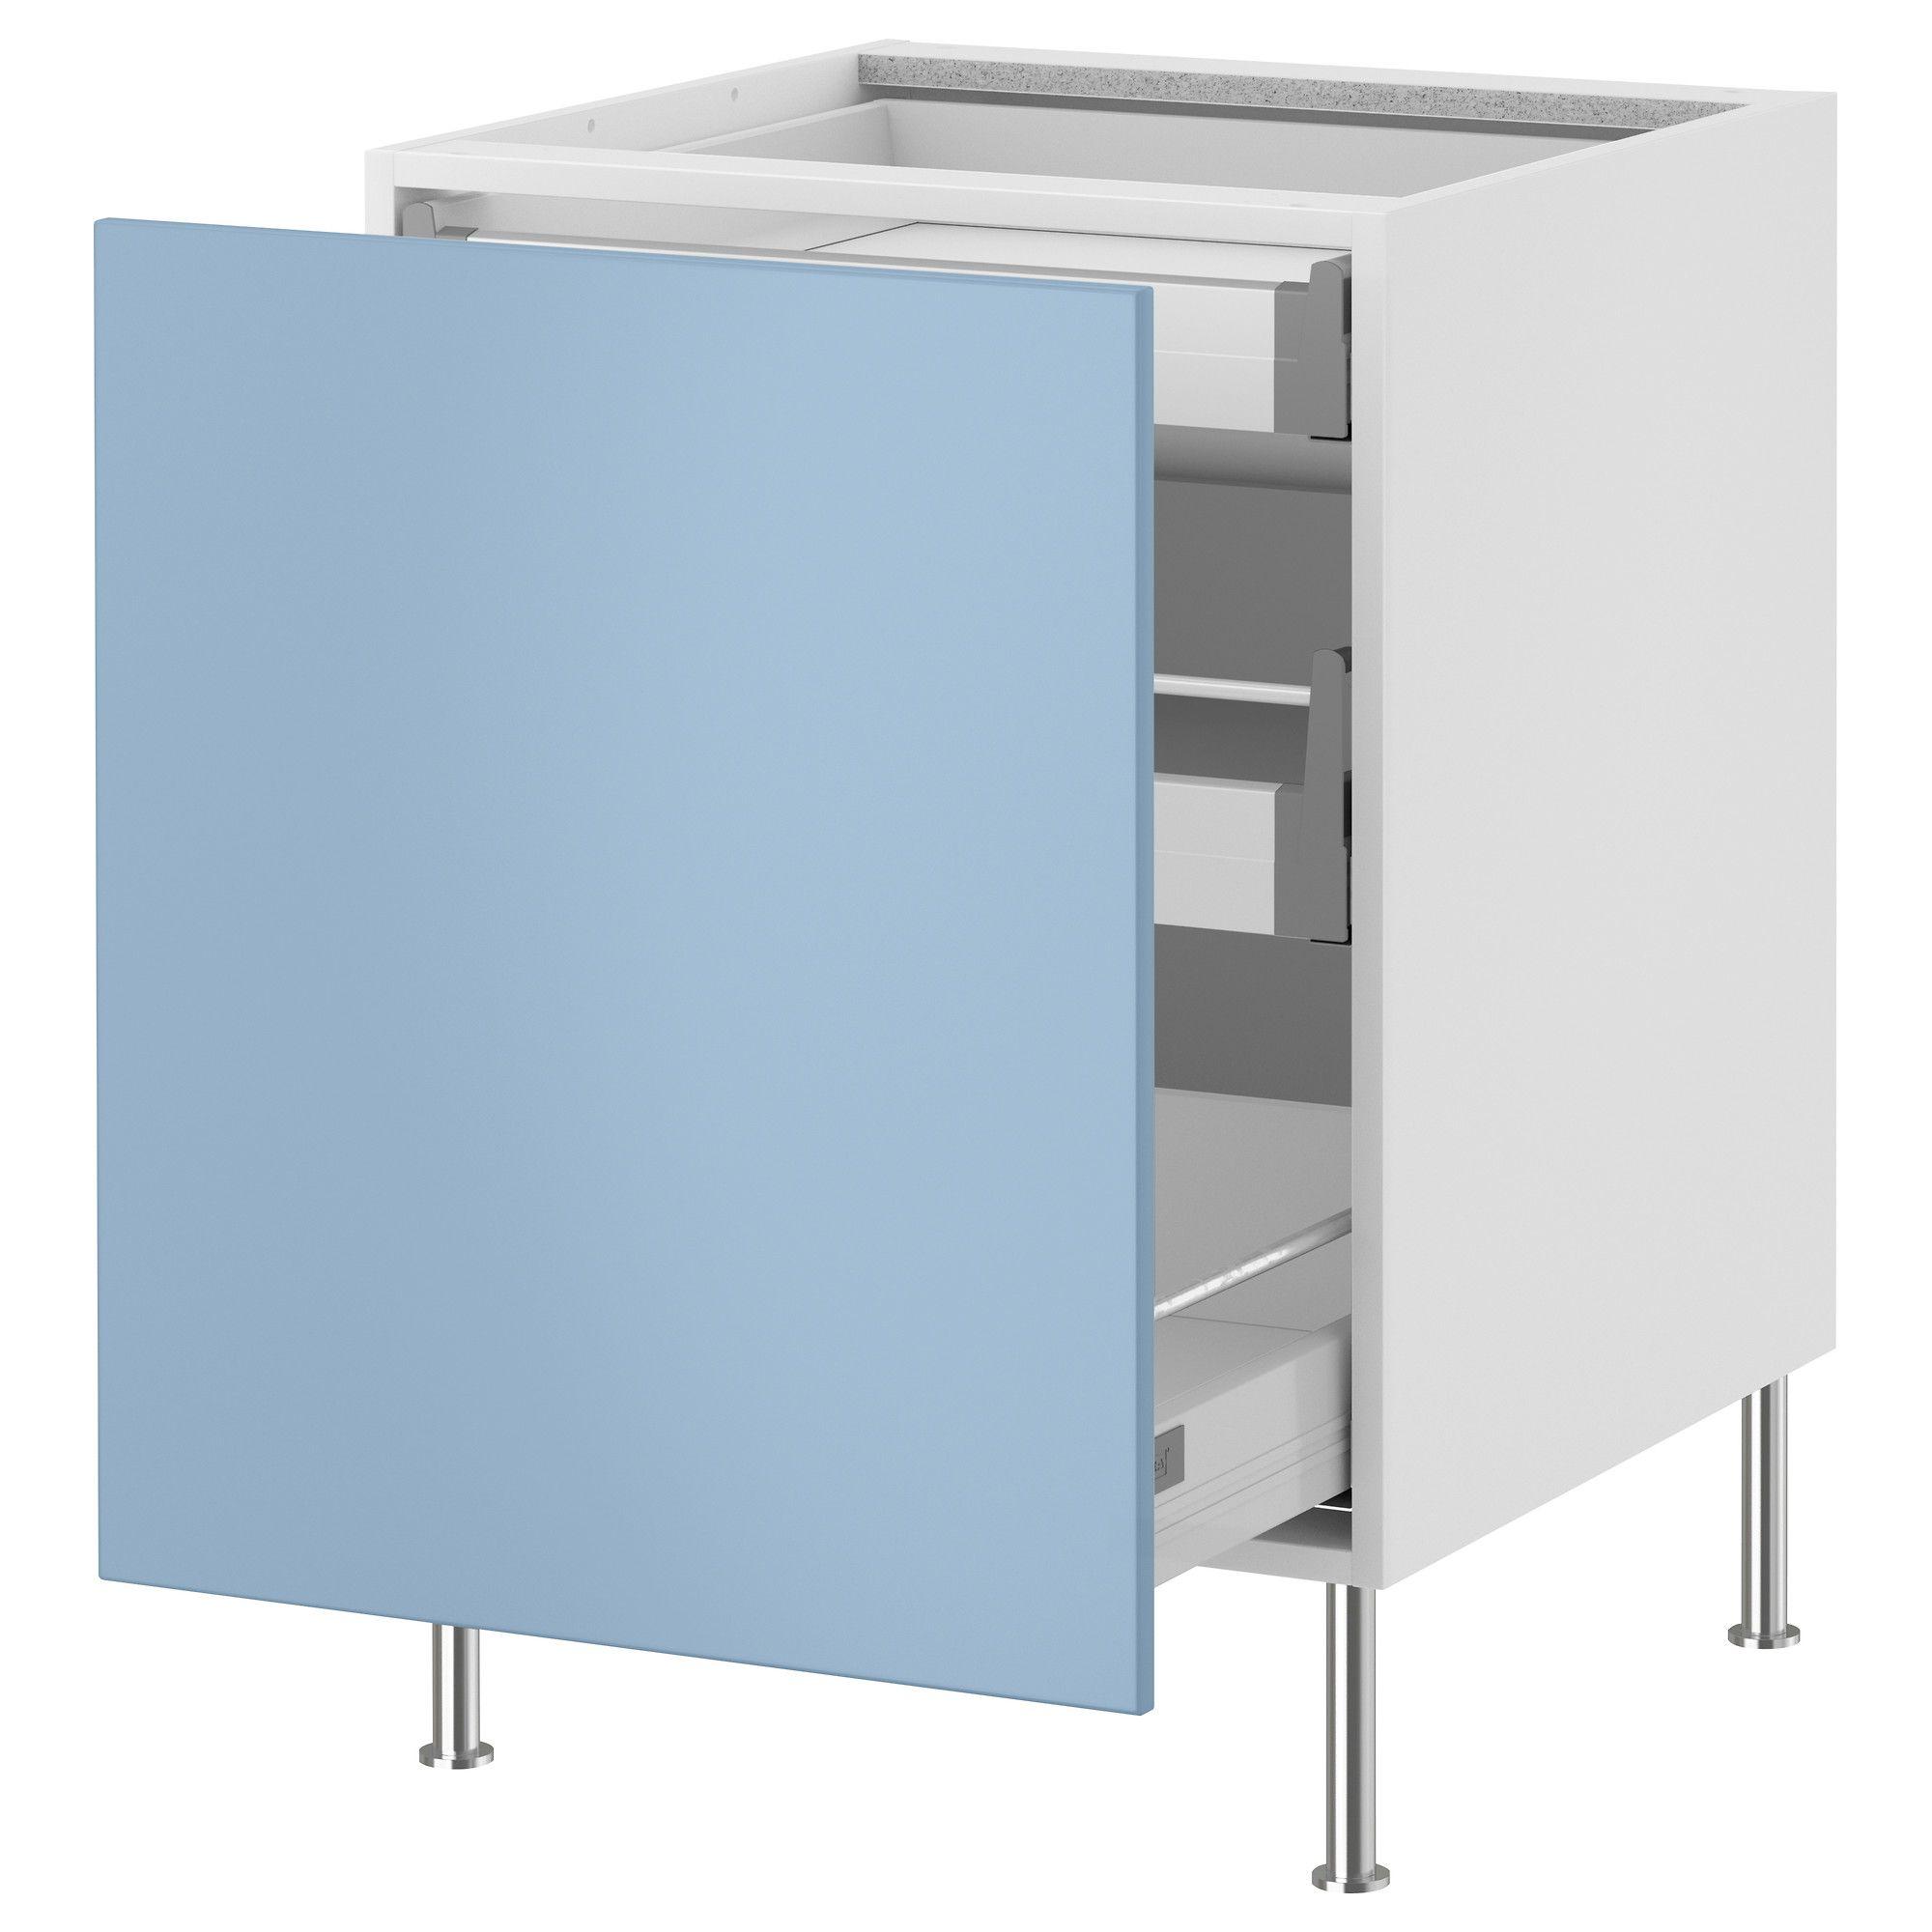 Erfreut Ikea Faktum Unterschrank Fotos - Innenarchitektur-Kollektion ...